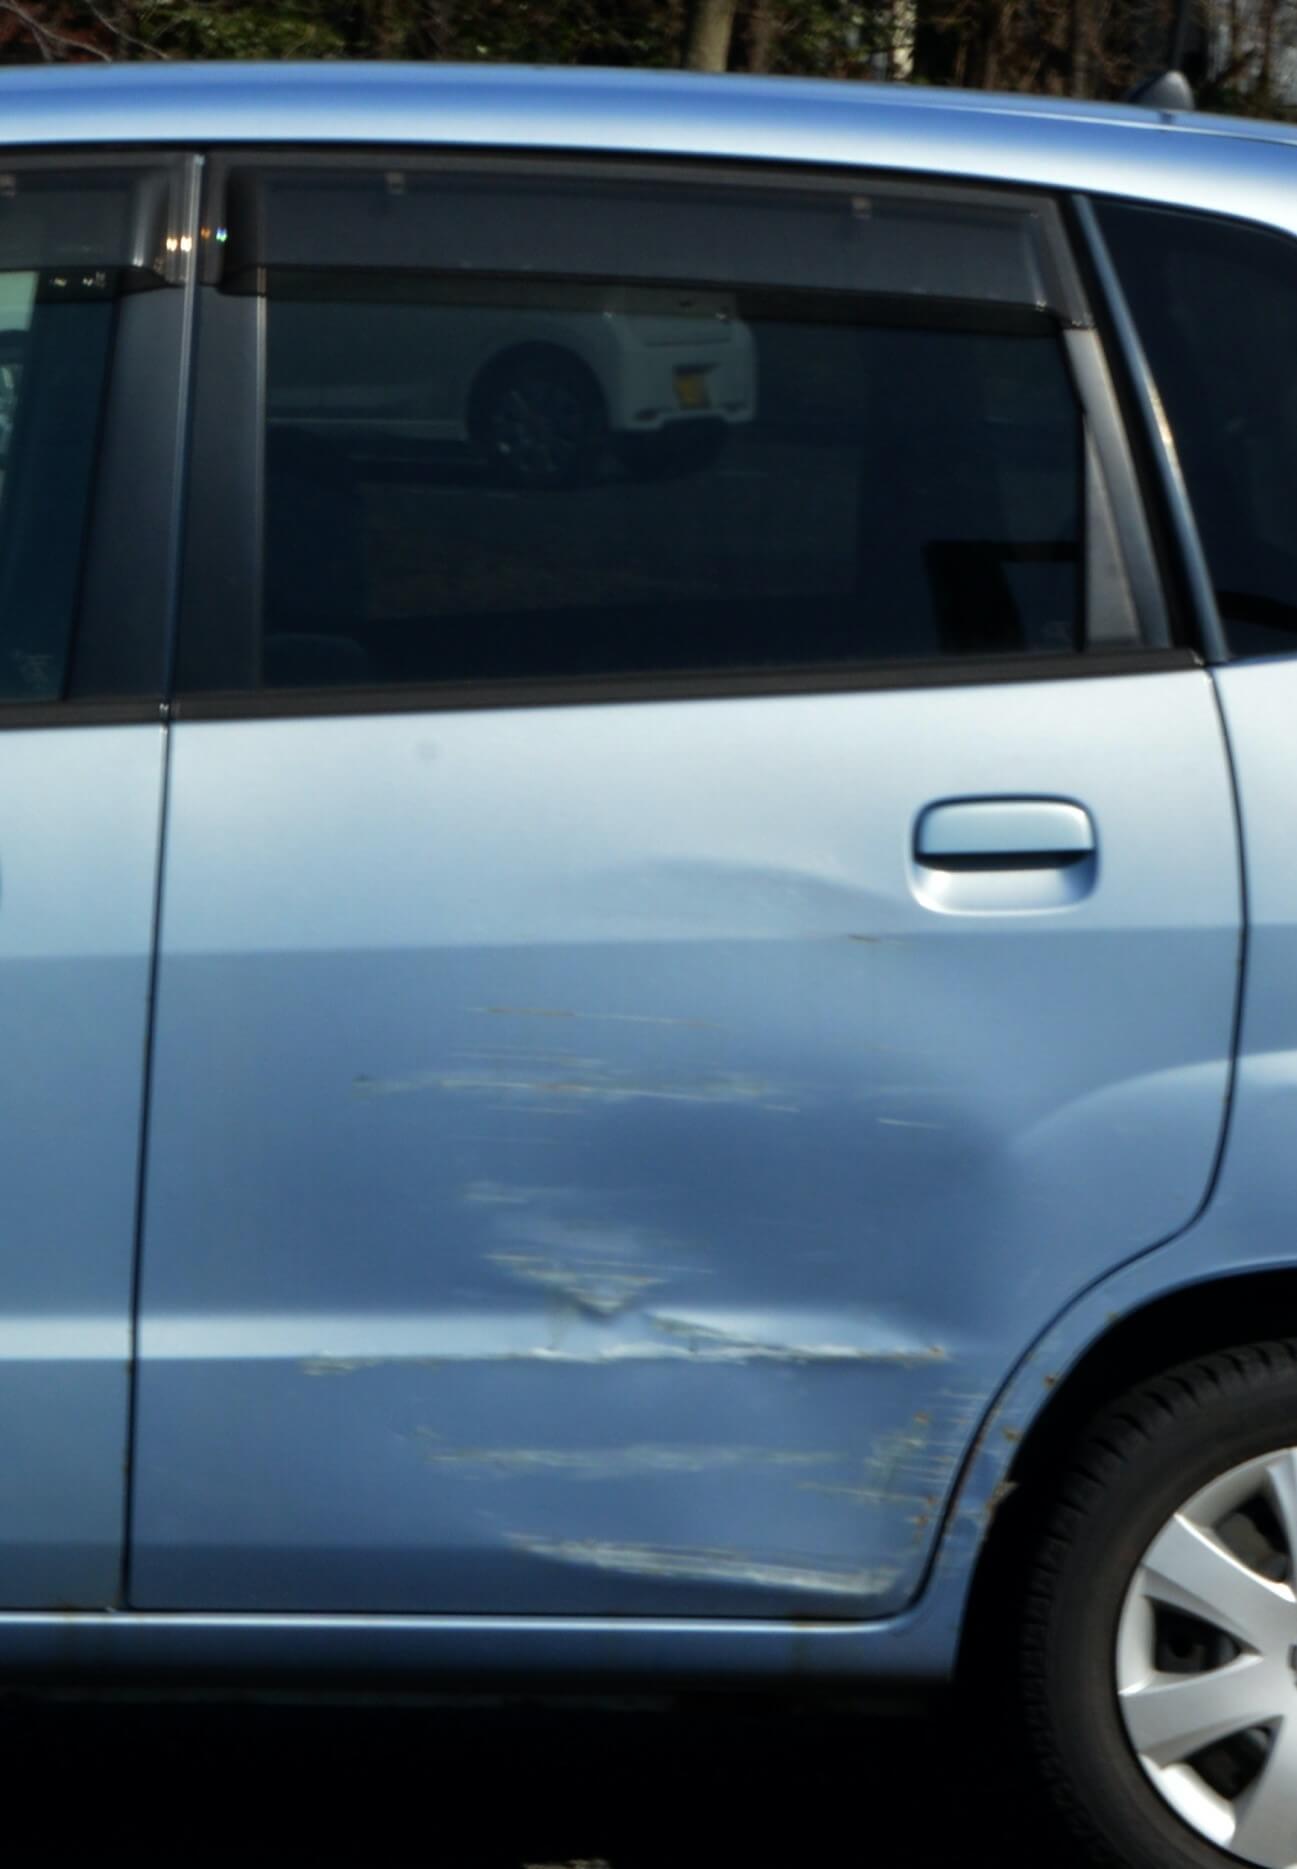 カーポートが壊れて車が傷ついた時の修理は保険が利用できるか